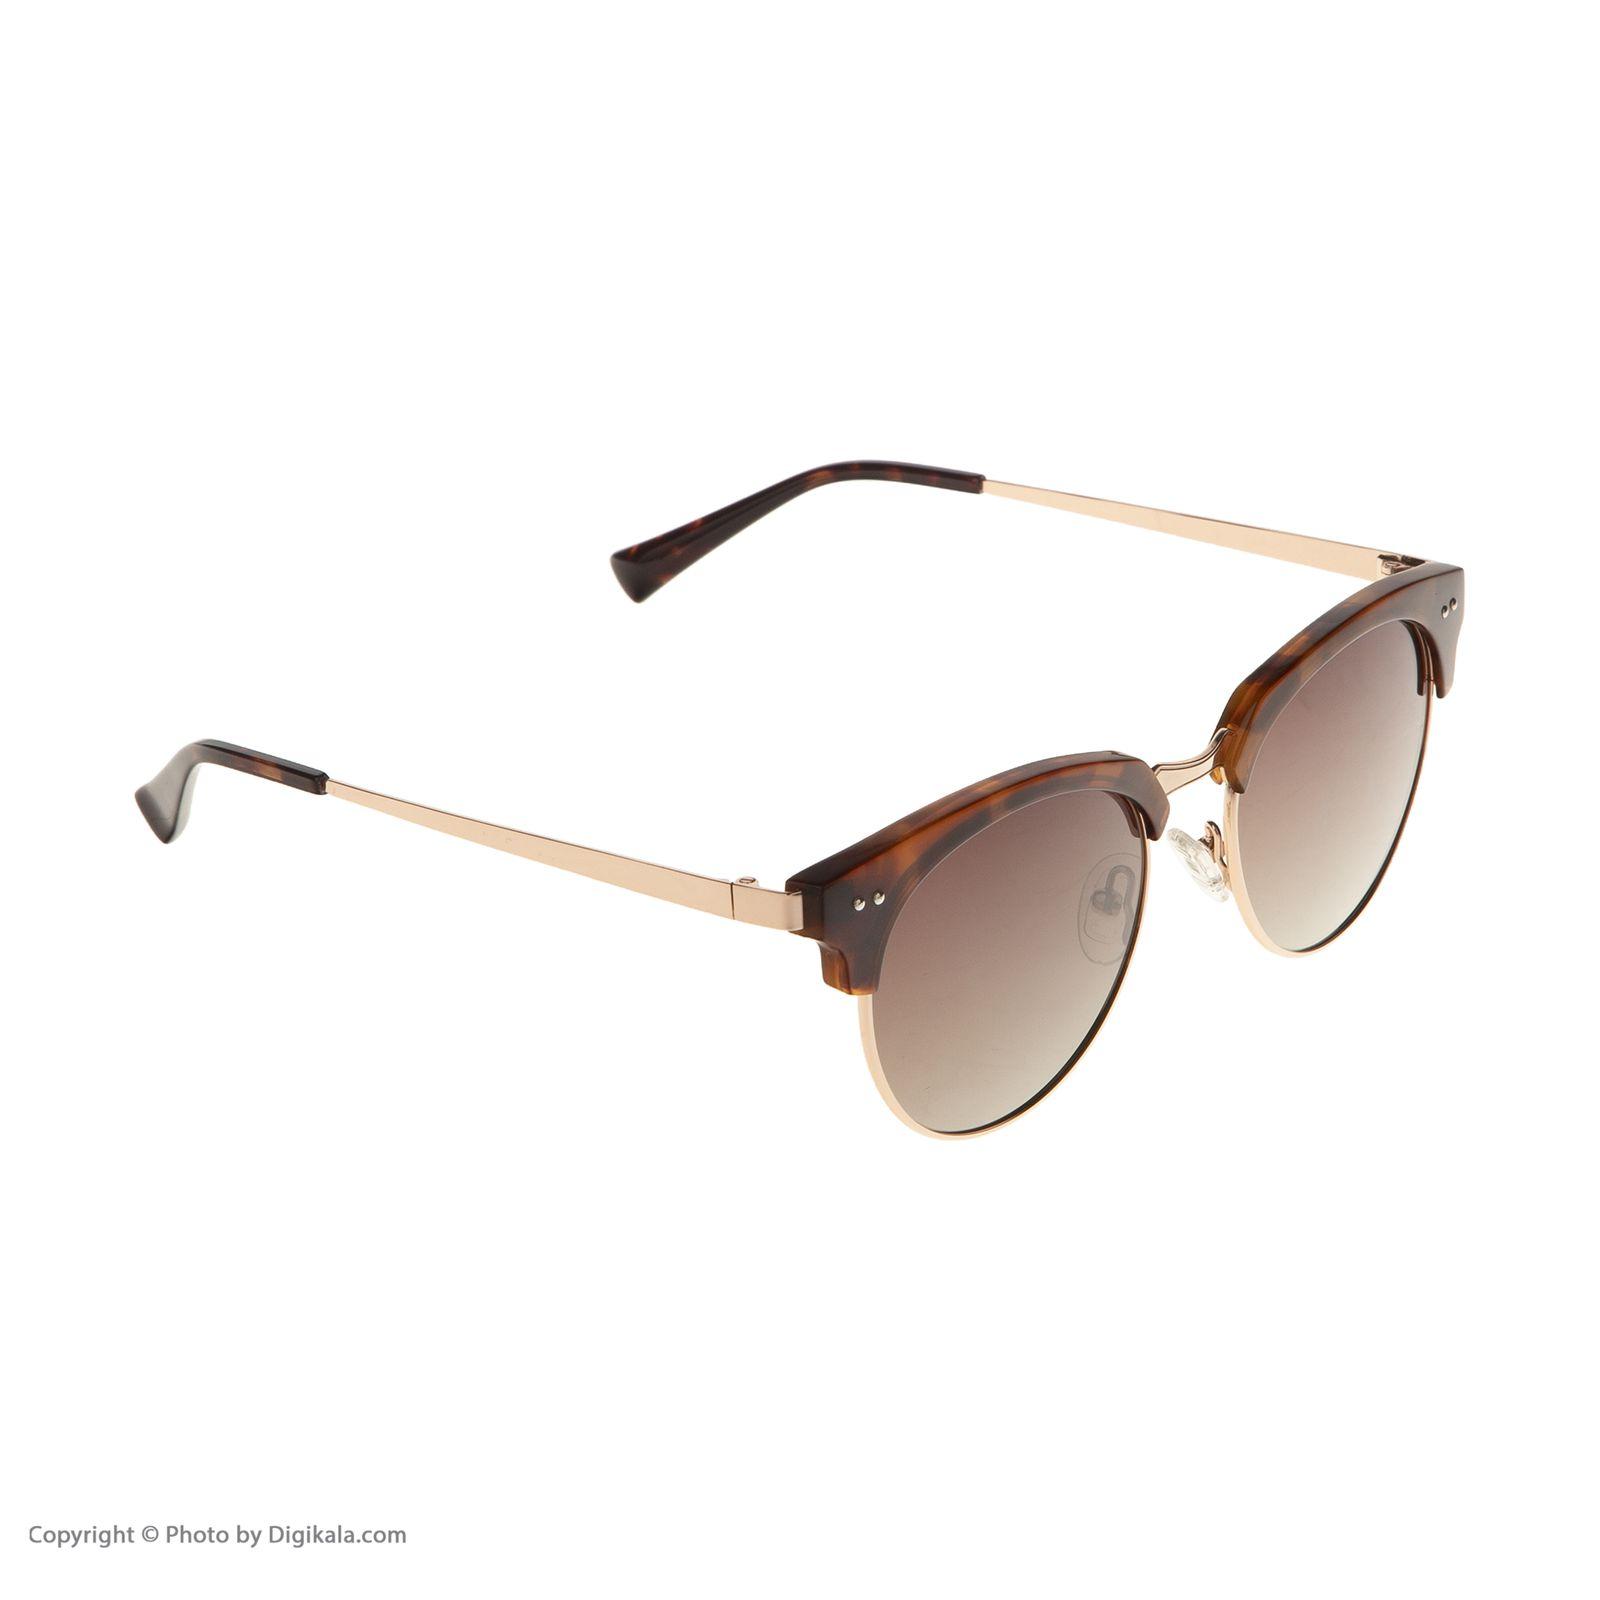 عینک آفتابی مردانه اف اس بی مدل 289-c C6 -  - 3